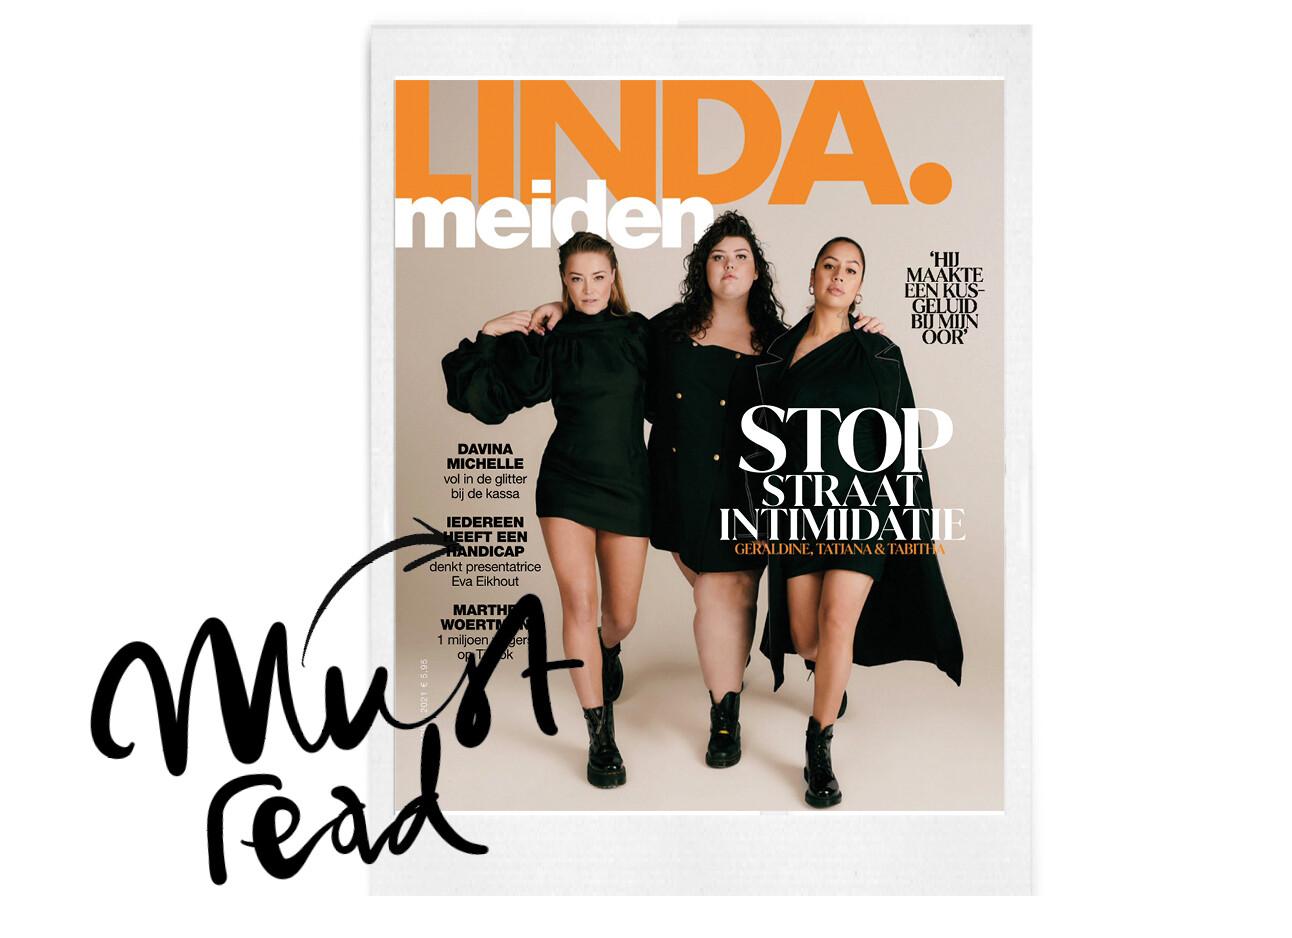 Waarom het thema van de nieuwste Linda.meiden zo belangrijk is